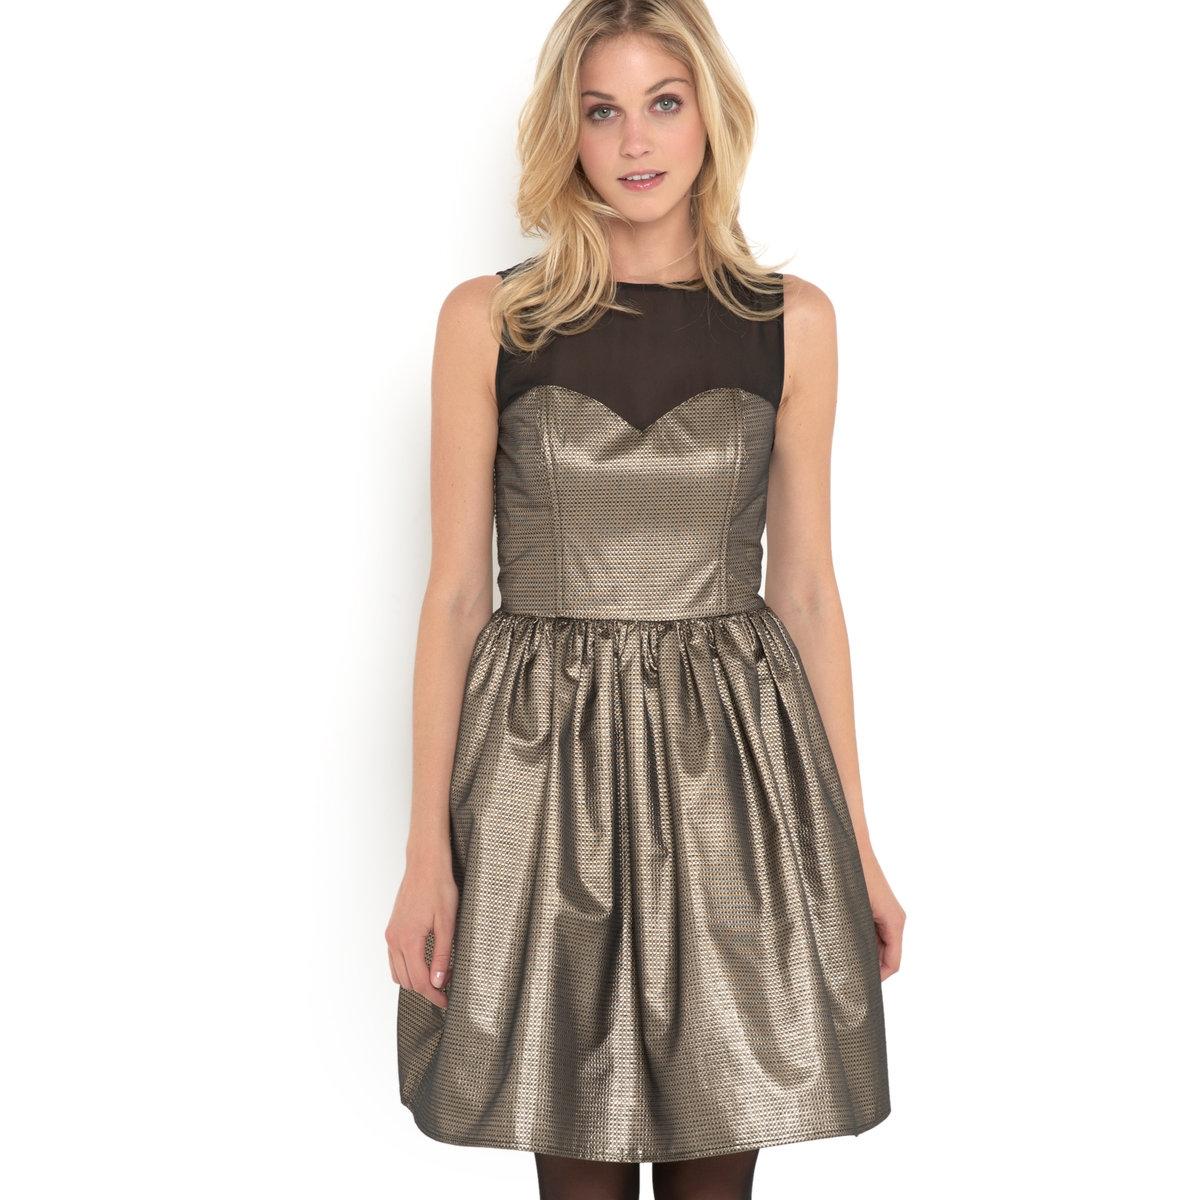 Платье с лифом без бретелек, Mademoiselle R.Платье-бюстье Mademoiselle R. Высокий лиф-корсаж из прозрачной вуали черного цвета с вырезом на спине. Пуговица вверху спинки. Задняя часть с оборками . Низ юбки из тюля. Застежка на скрытую молнию сбоку . 70% полиэстера, 20% металлизированных волокон, 5% хлопка, 5% других волокон. Длина 90 см .<br><br>Цвет: серый  черный<br>Размер: 38 (FR) - 44 (RUS).36 (FR) - 42 (RUS).40 (FR) - 46 (RUS)